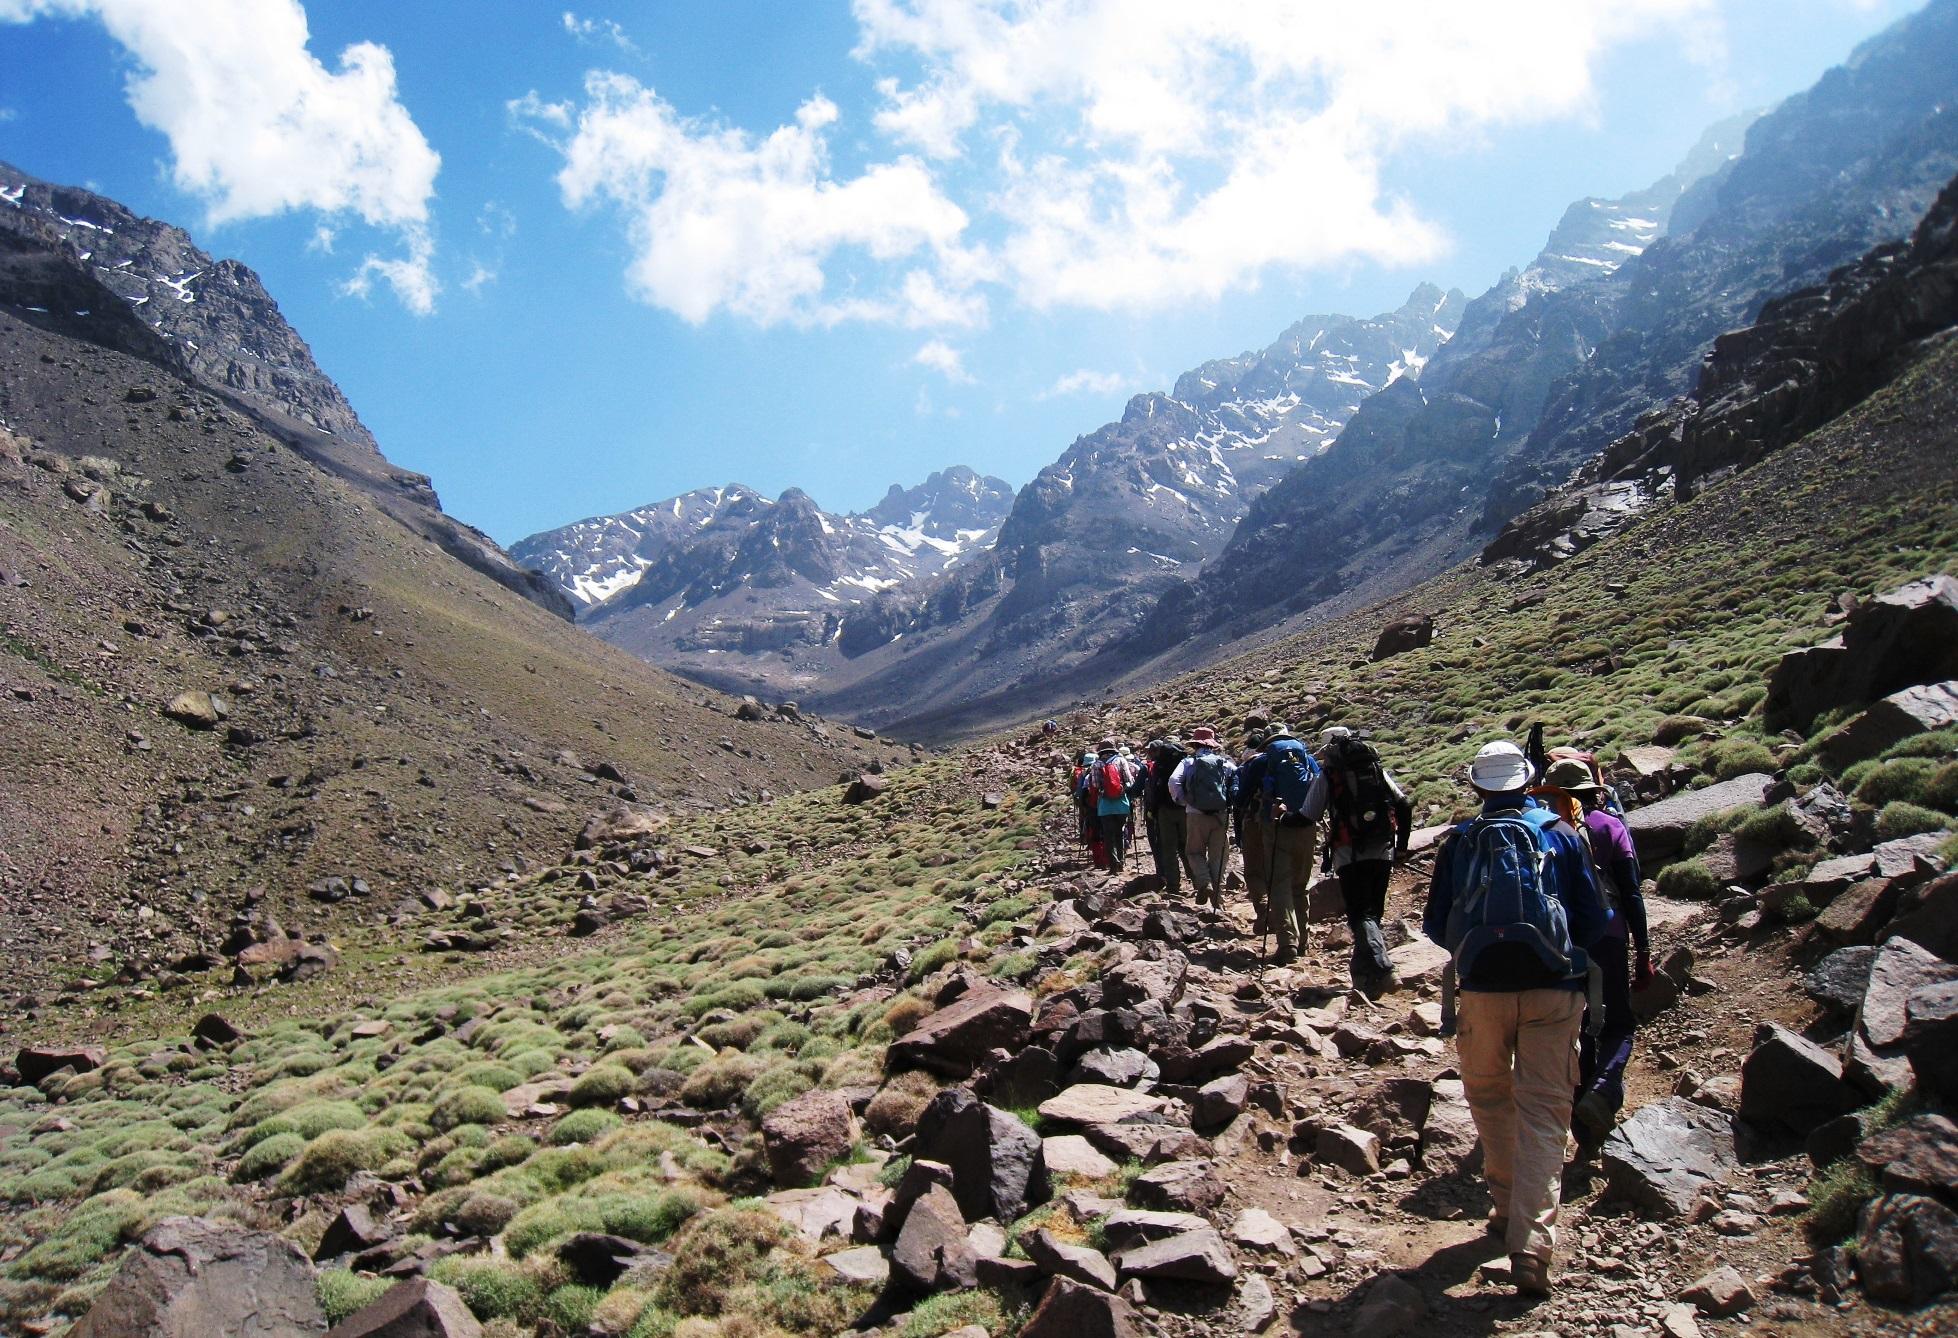 モロッコ最高峰ツブカル山登頂と世界遺産マラケシュ 8日間